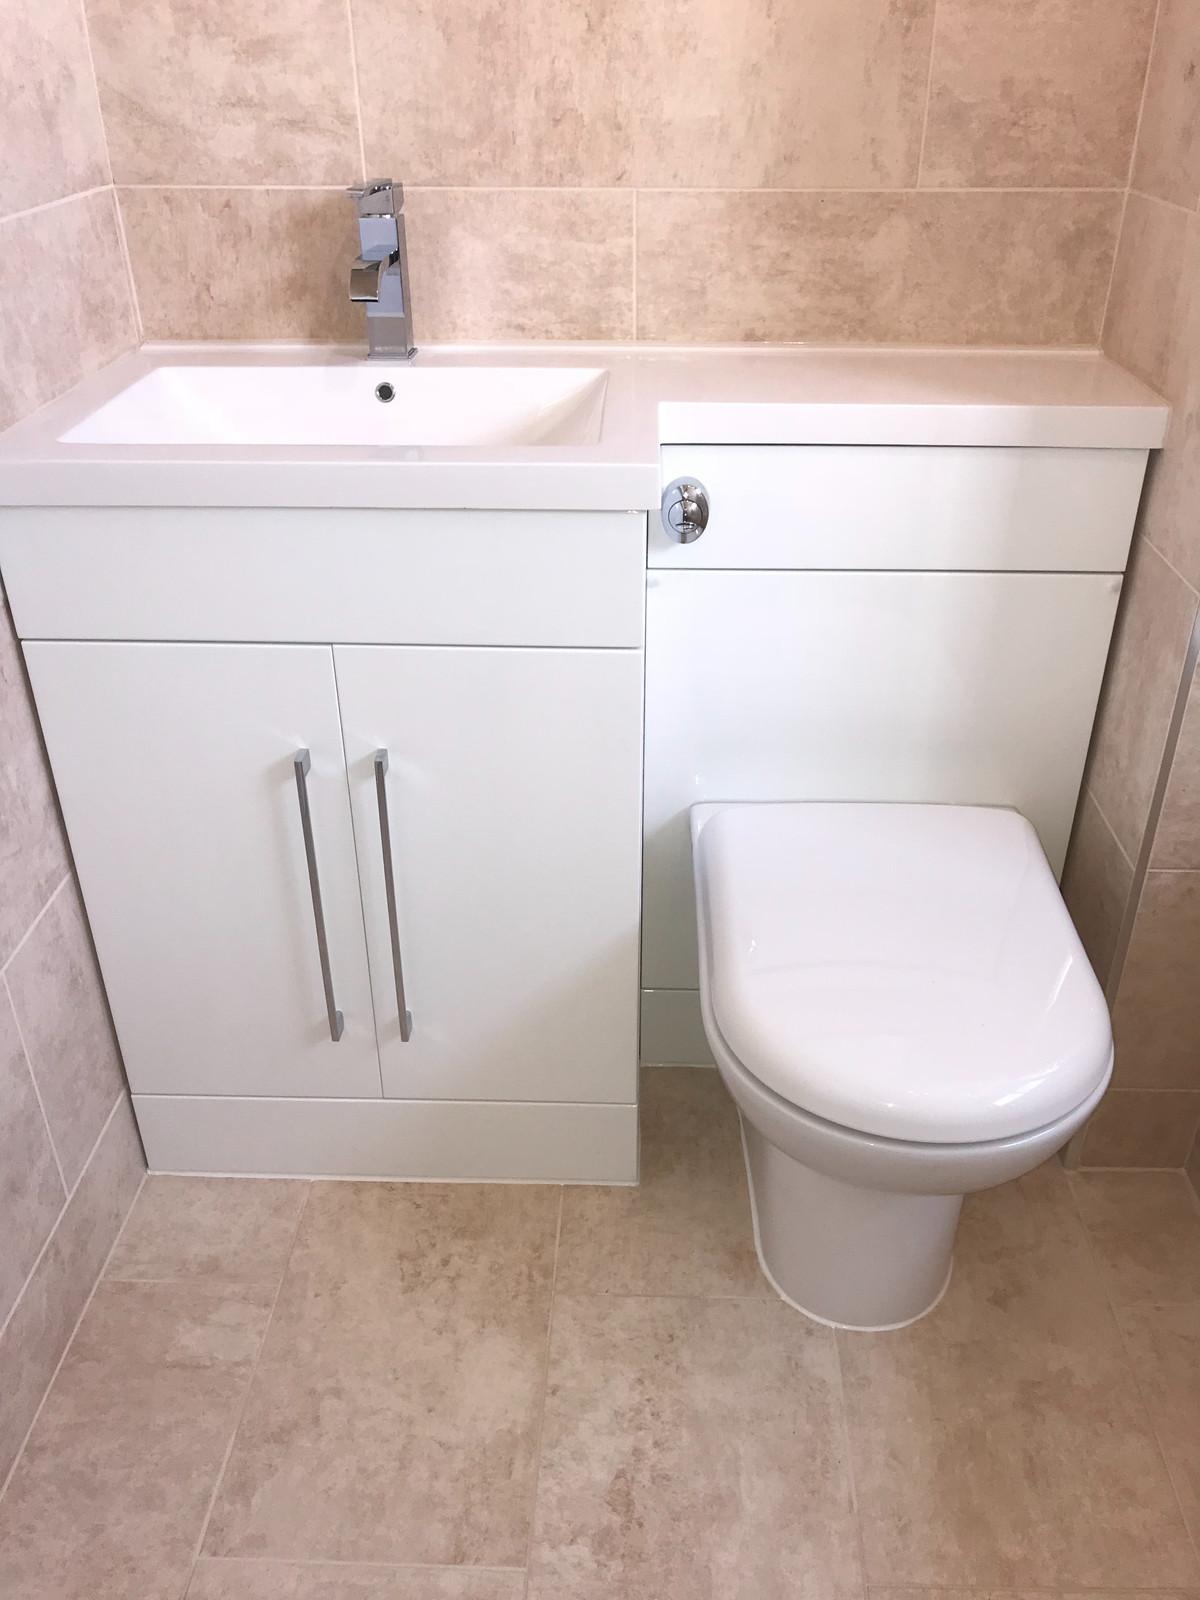 Harts-End Bathroom Co.   Gallery